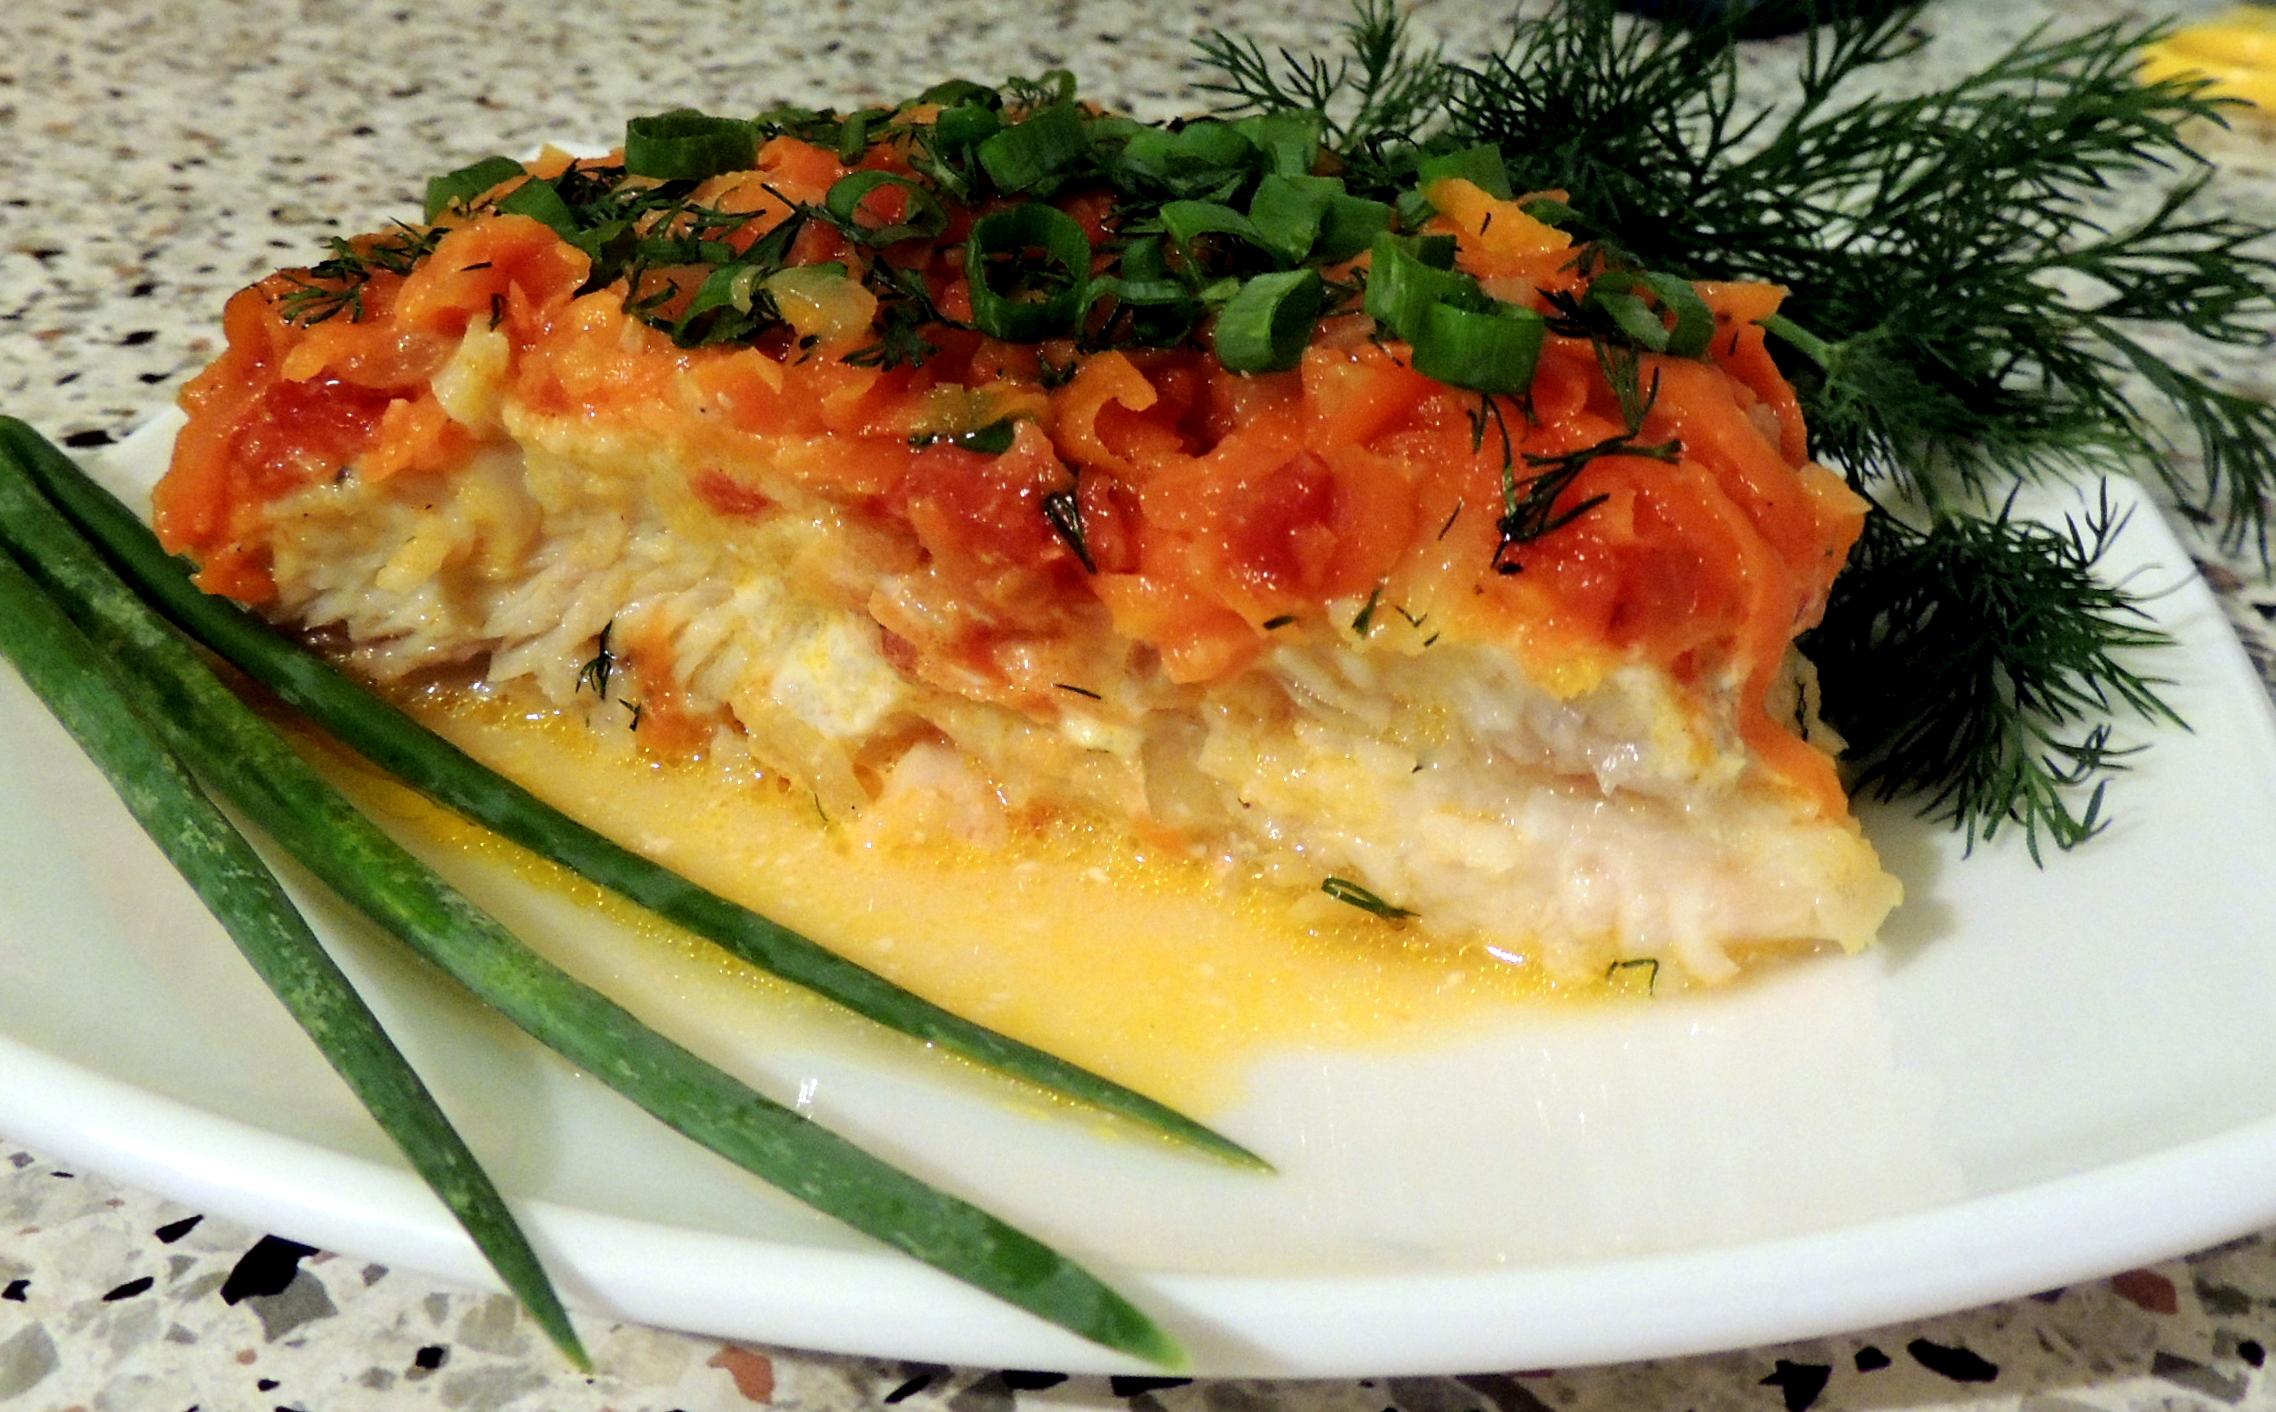 Риба під маринадом «Мова проковтнеш»: рецепт з фото покроково